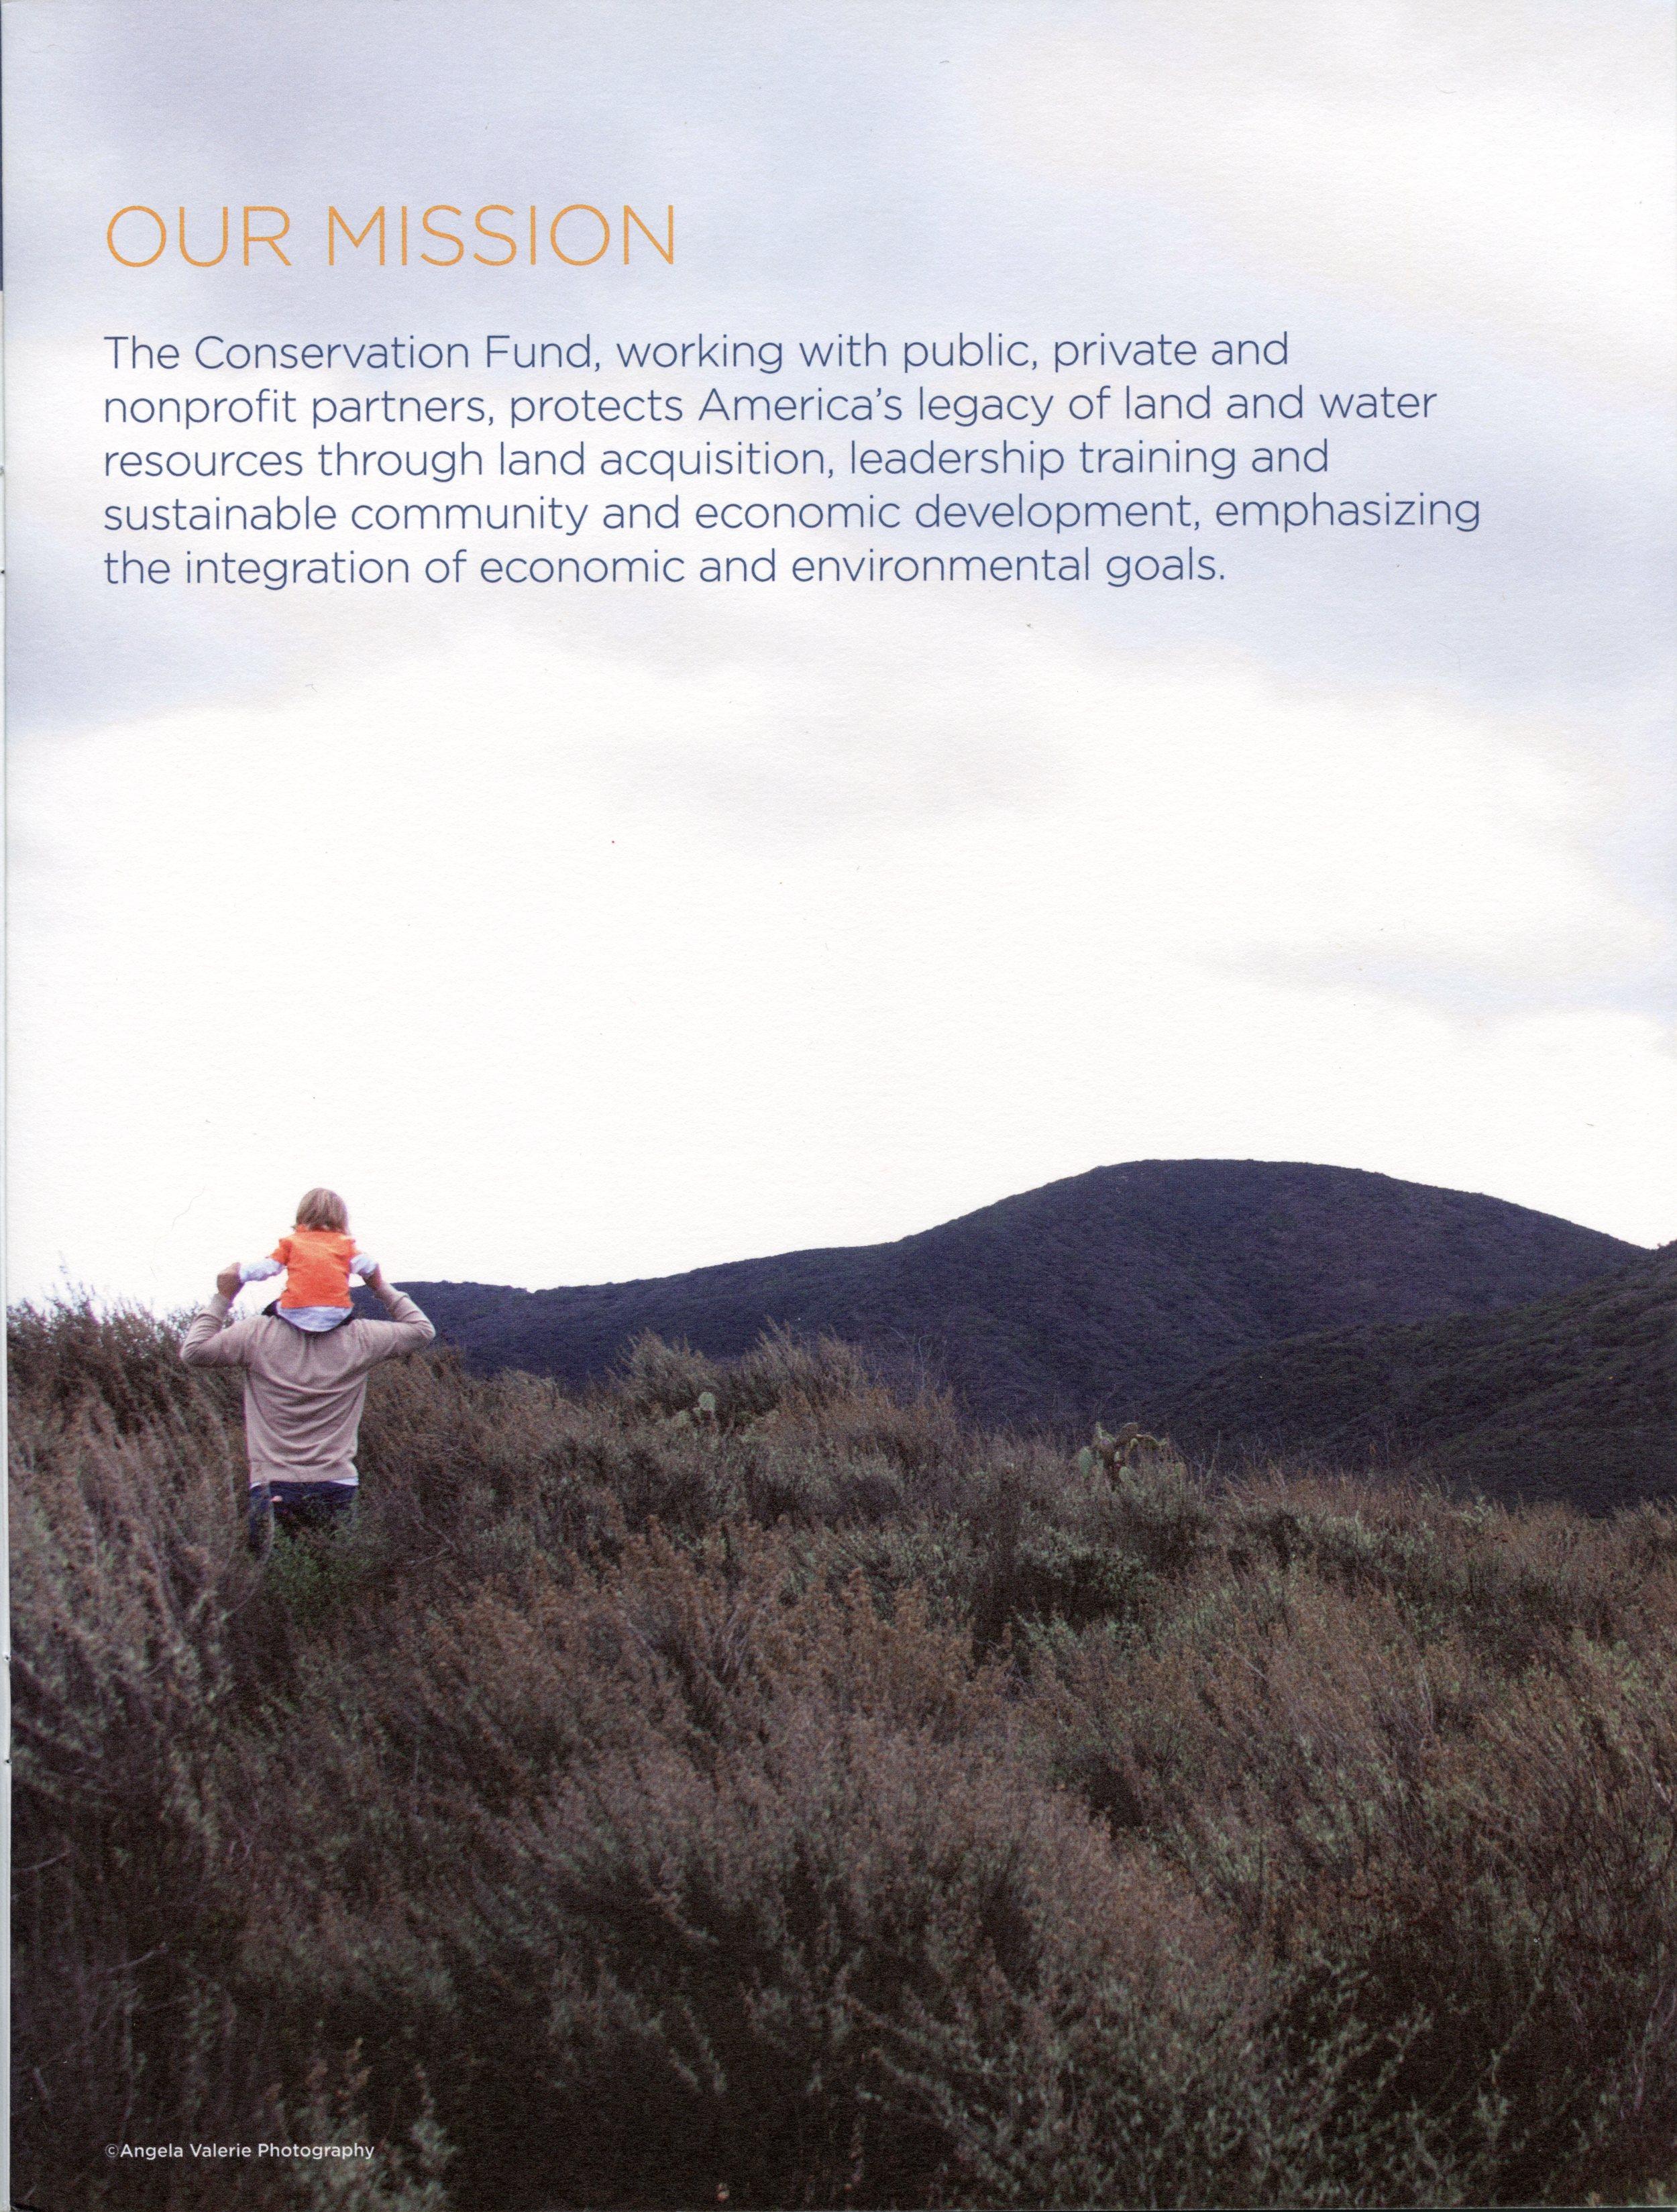 conservation fund021.jpg